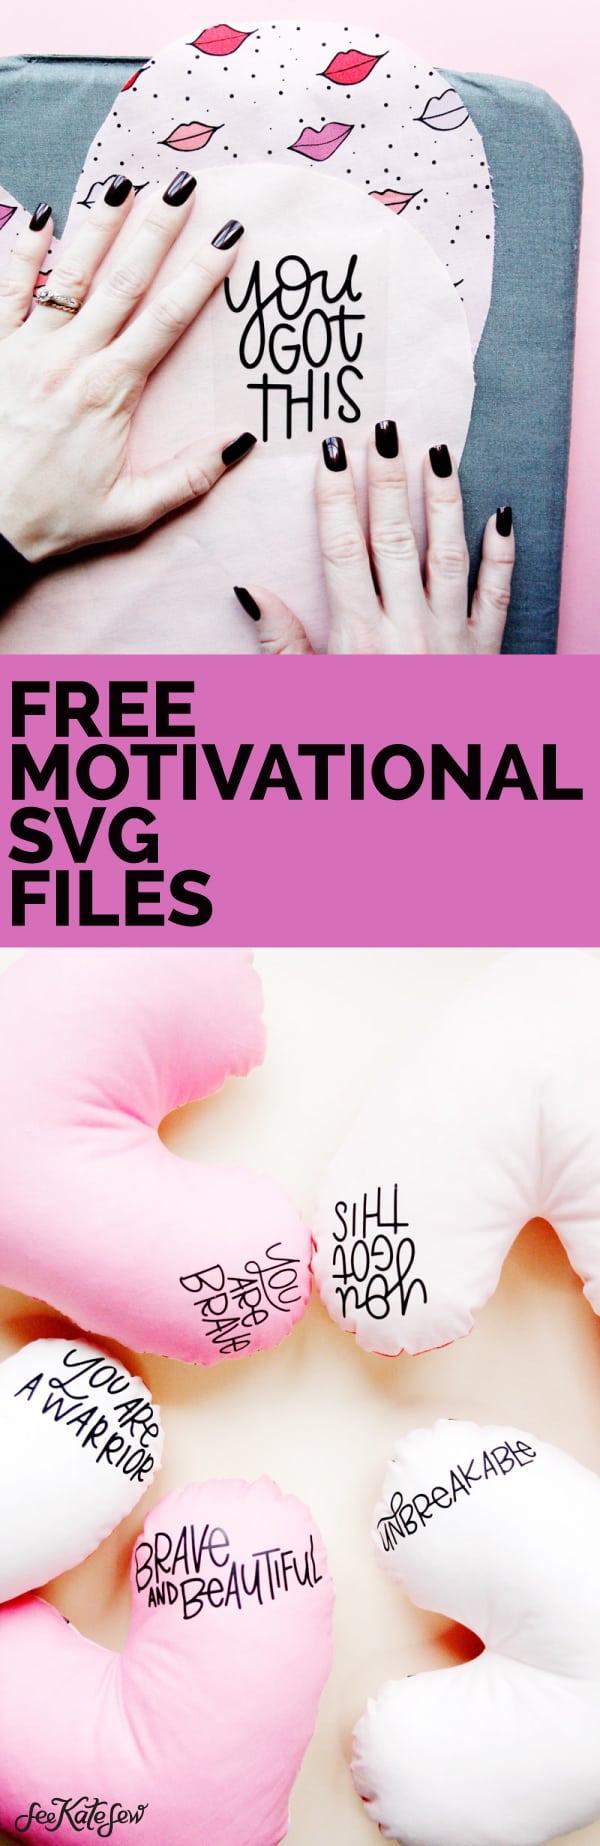 Motivational + Cancer SVG free downloads.